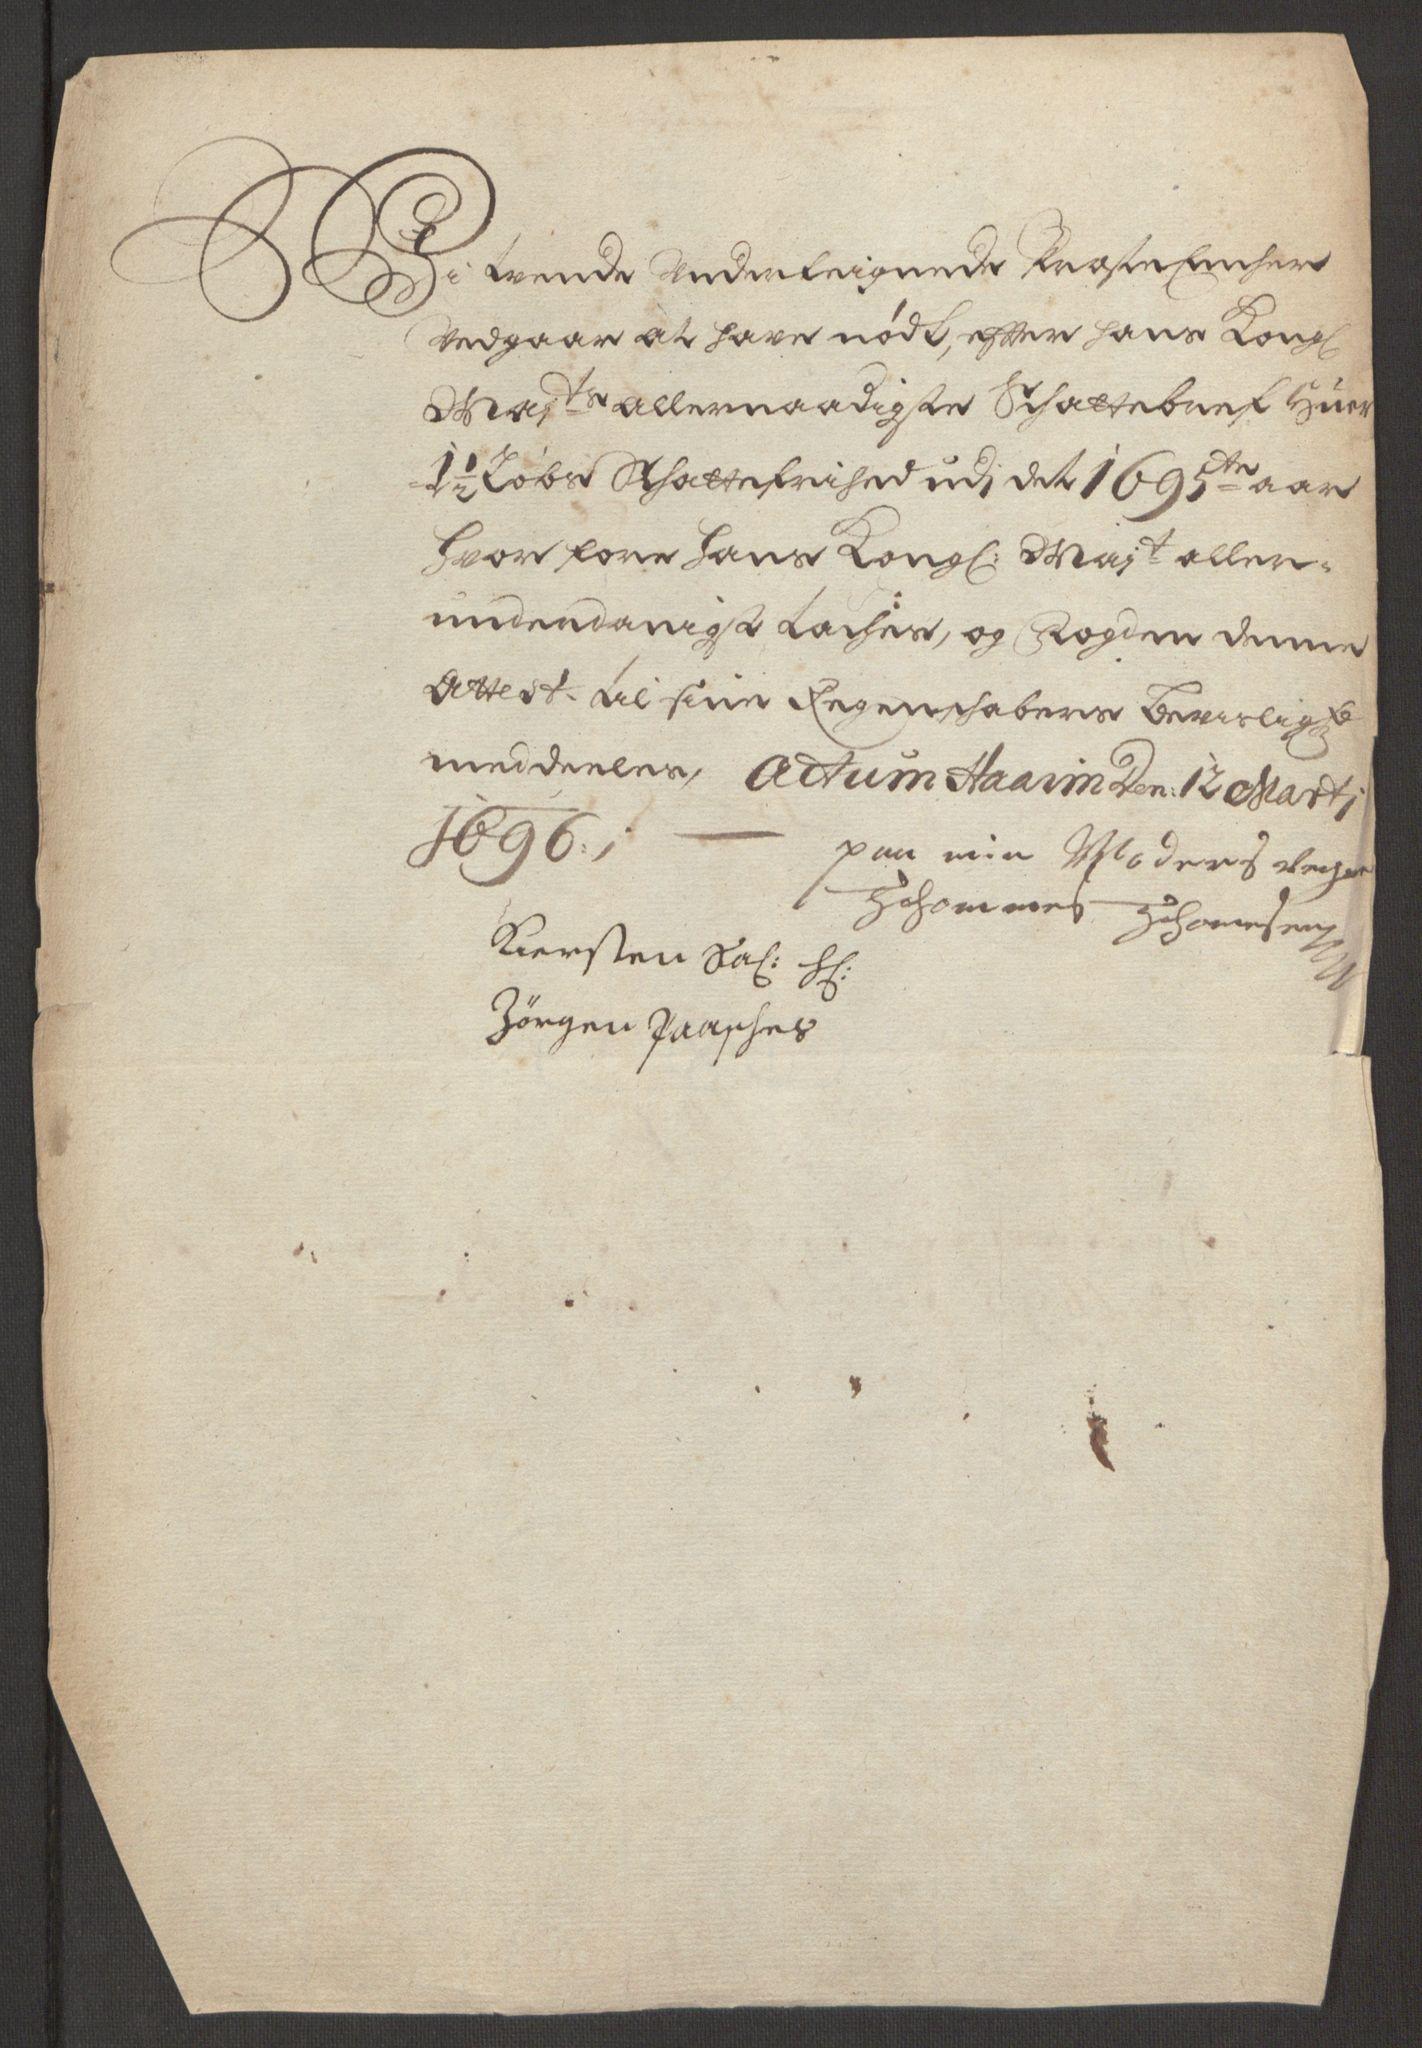 RA, Rentekammeret inntil 1814, Reviderte regnskaper, Fogderegnskap, R48/L2976: Fogderegnskap Sunnhordland og Hardanger, 1695-1696, s. 174